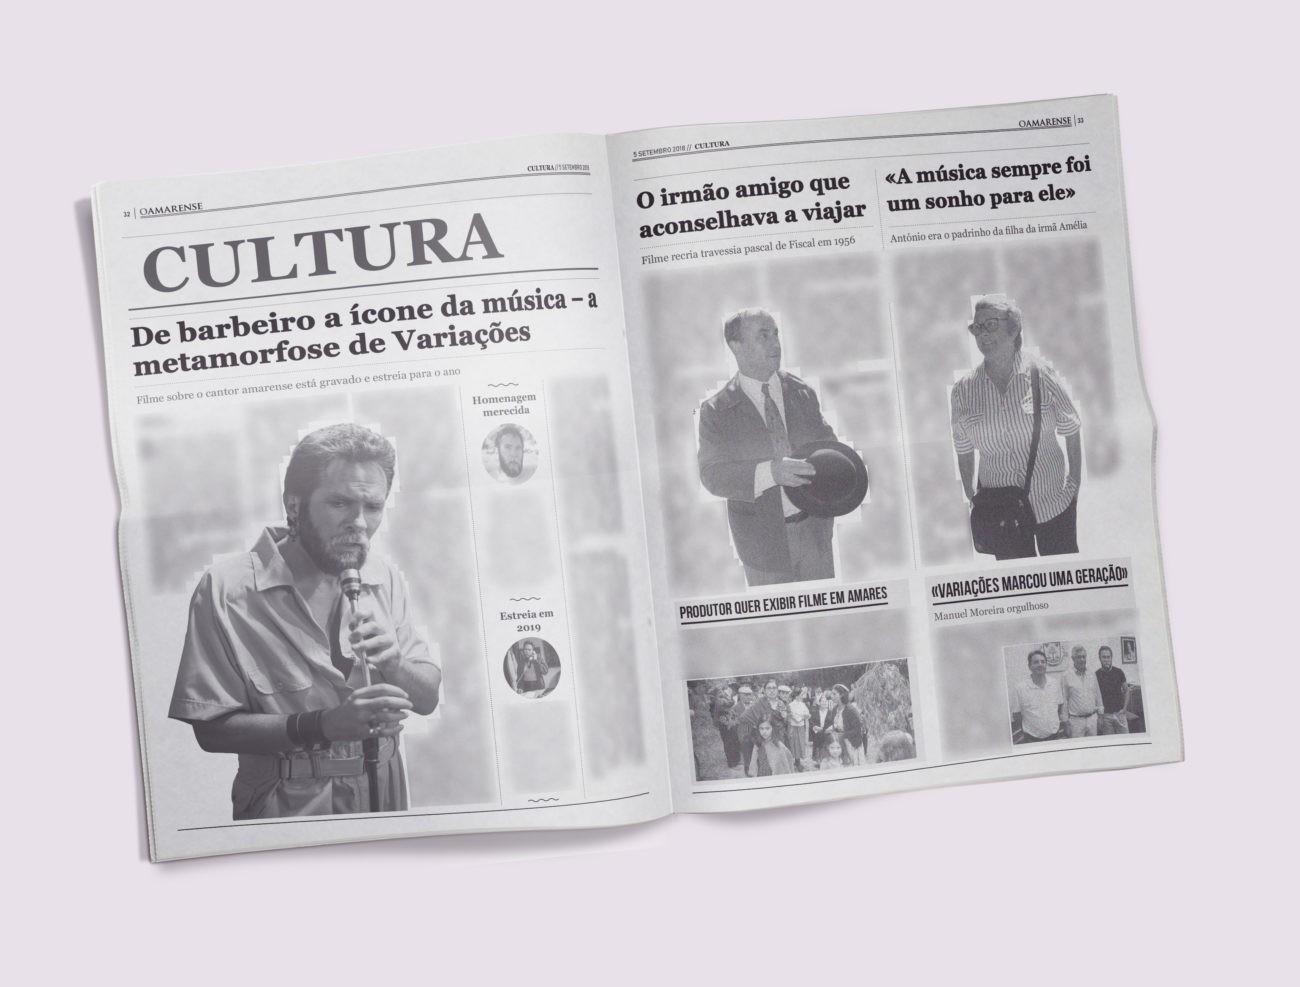 EDIÇÃO IMPRESSA - Filme sobre o cantor amarense está gravado e estreia para o ano